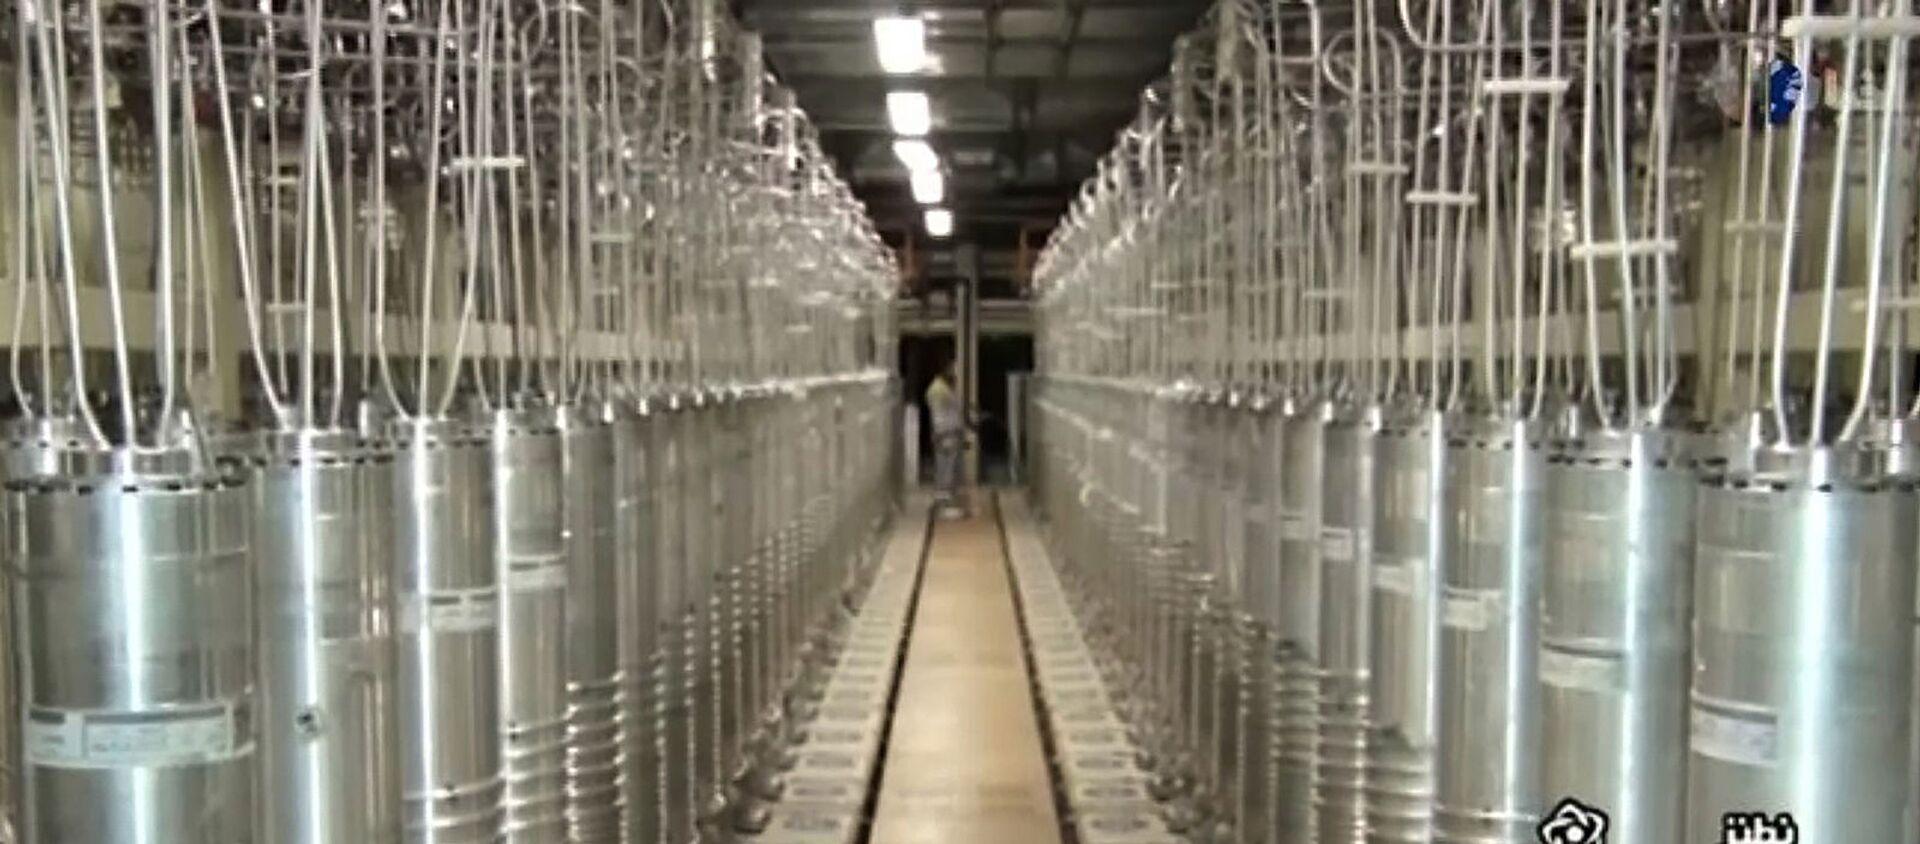 Центрифуги в коридоре на заводе по обогащению урана в Натанзе, к югу от столицы Тегерана  - Sputnik Արմենիա, 1920, 07.05.2021